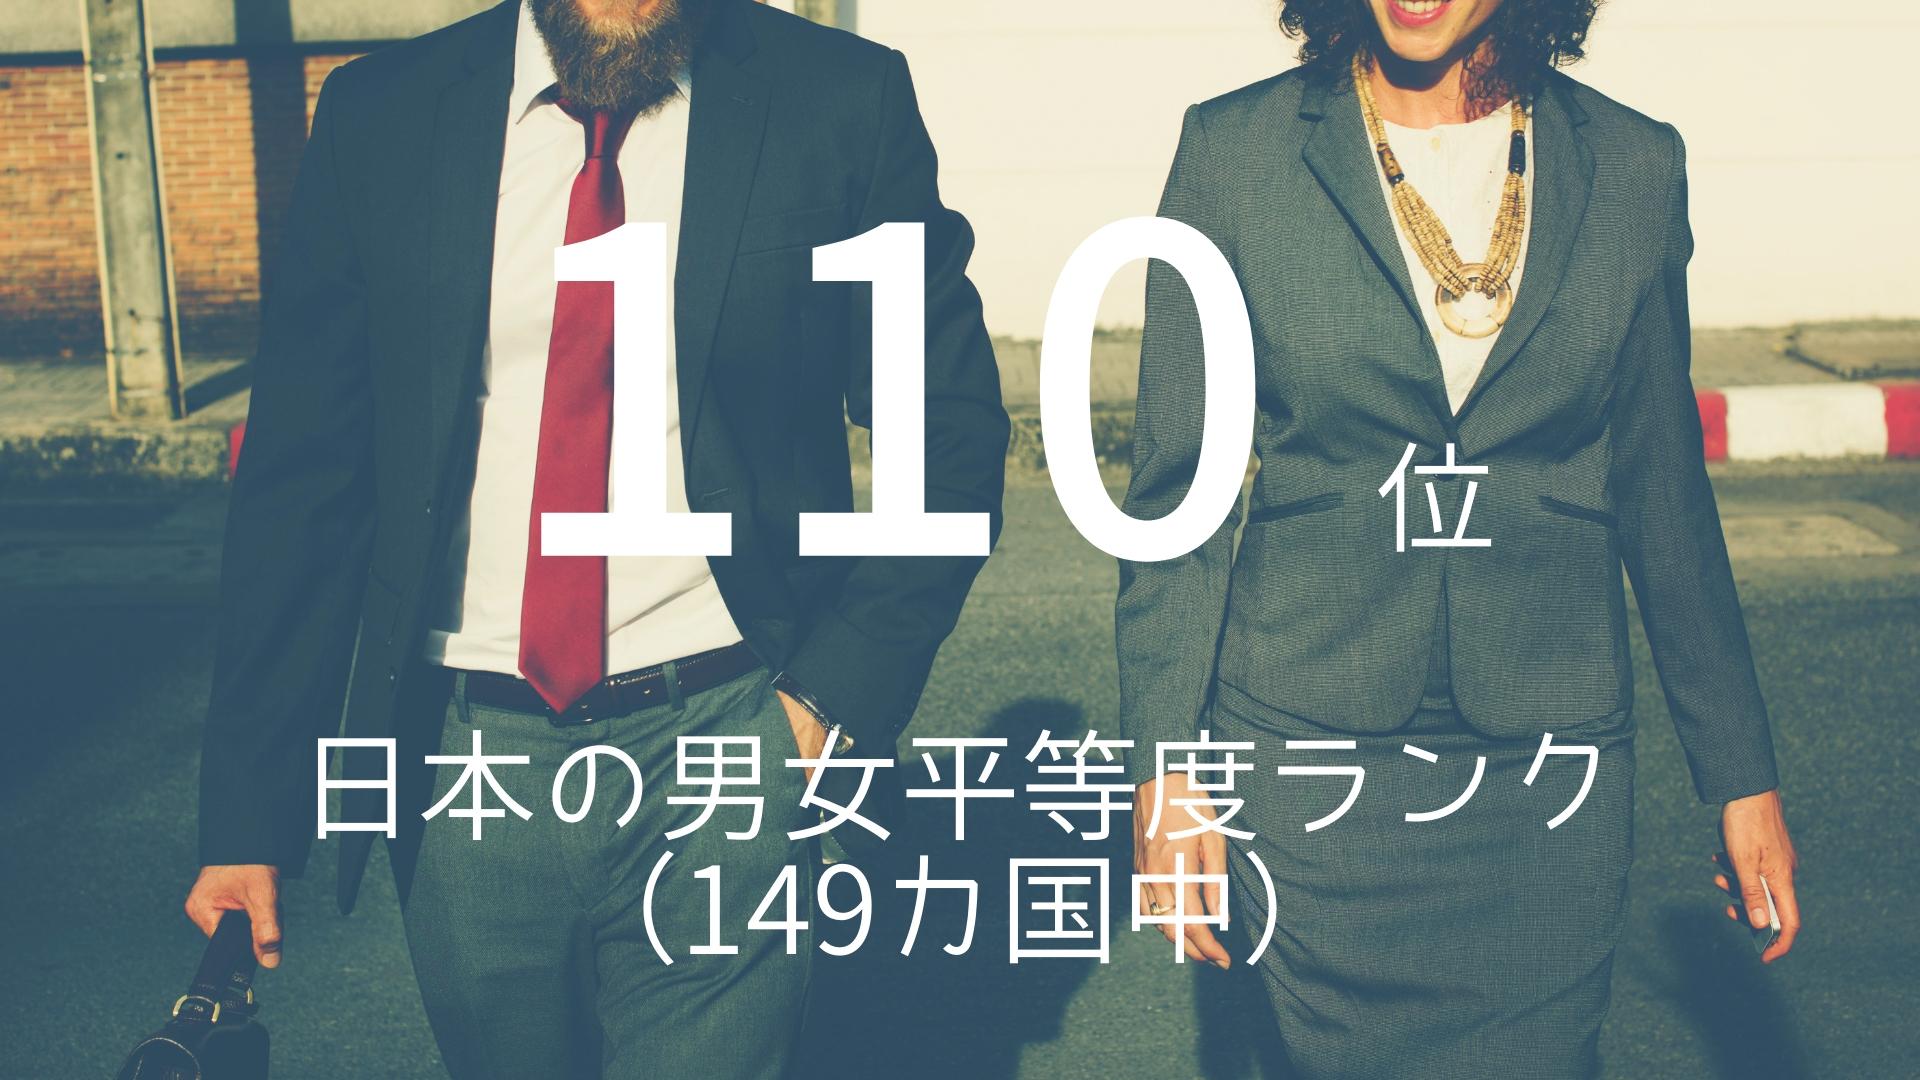 「110位」 >>> 日本の男女平等度ランク。(149カ国中)